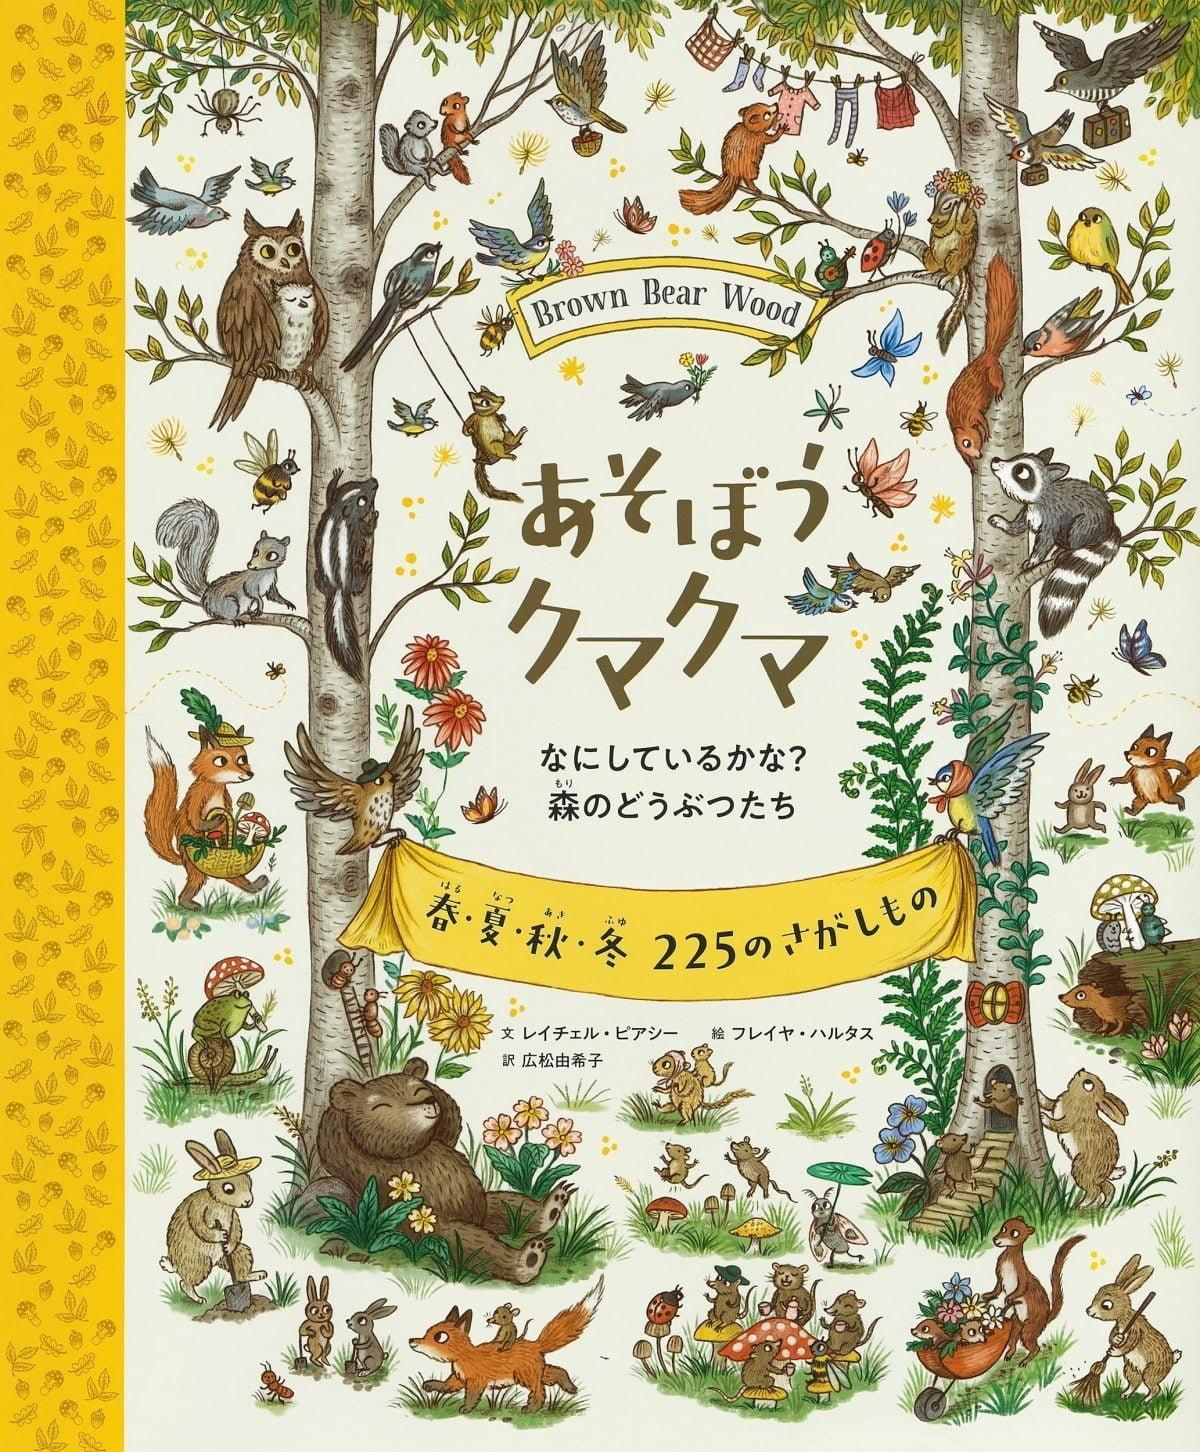 絵本「あそぼうクマクマ なにしているかな? 森のどうぶつたち」の表紙